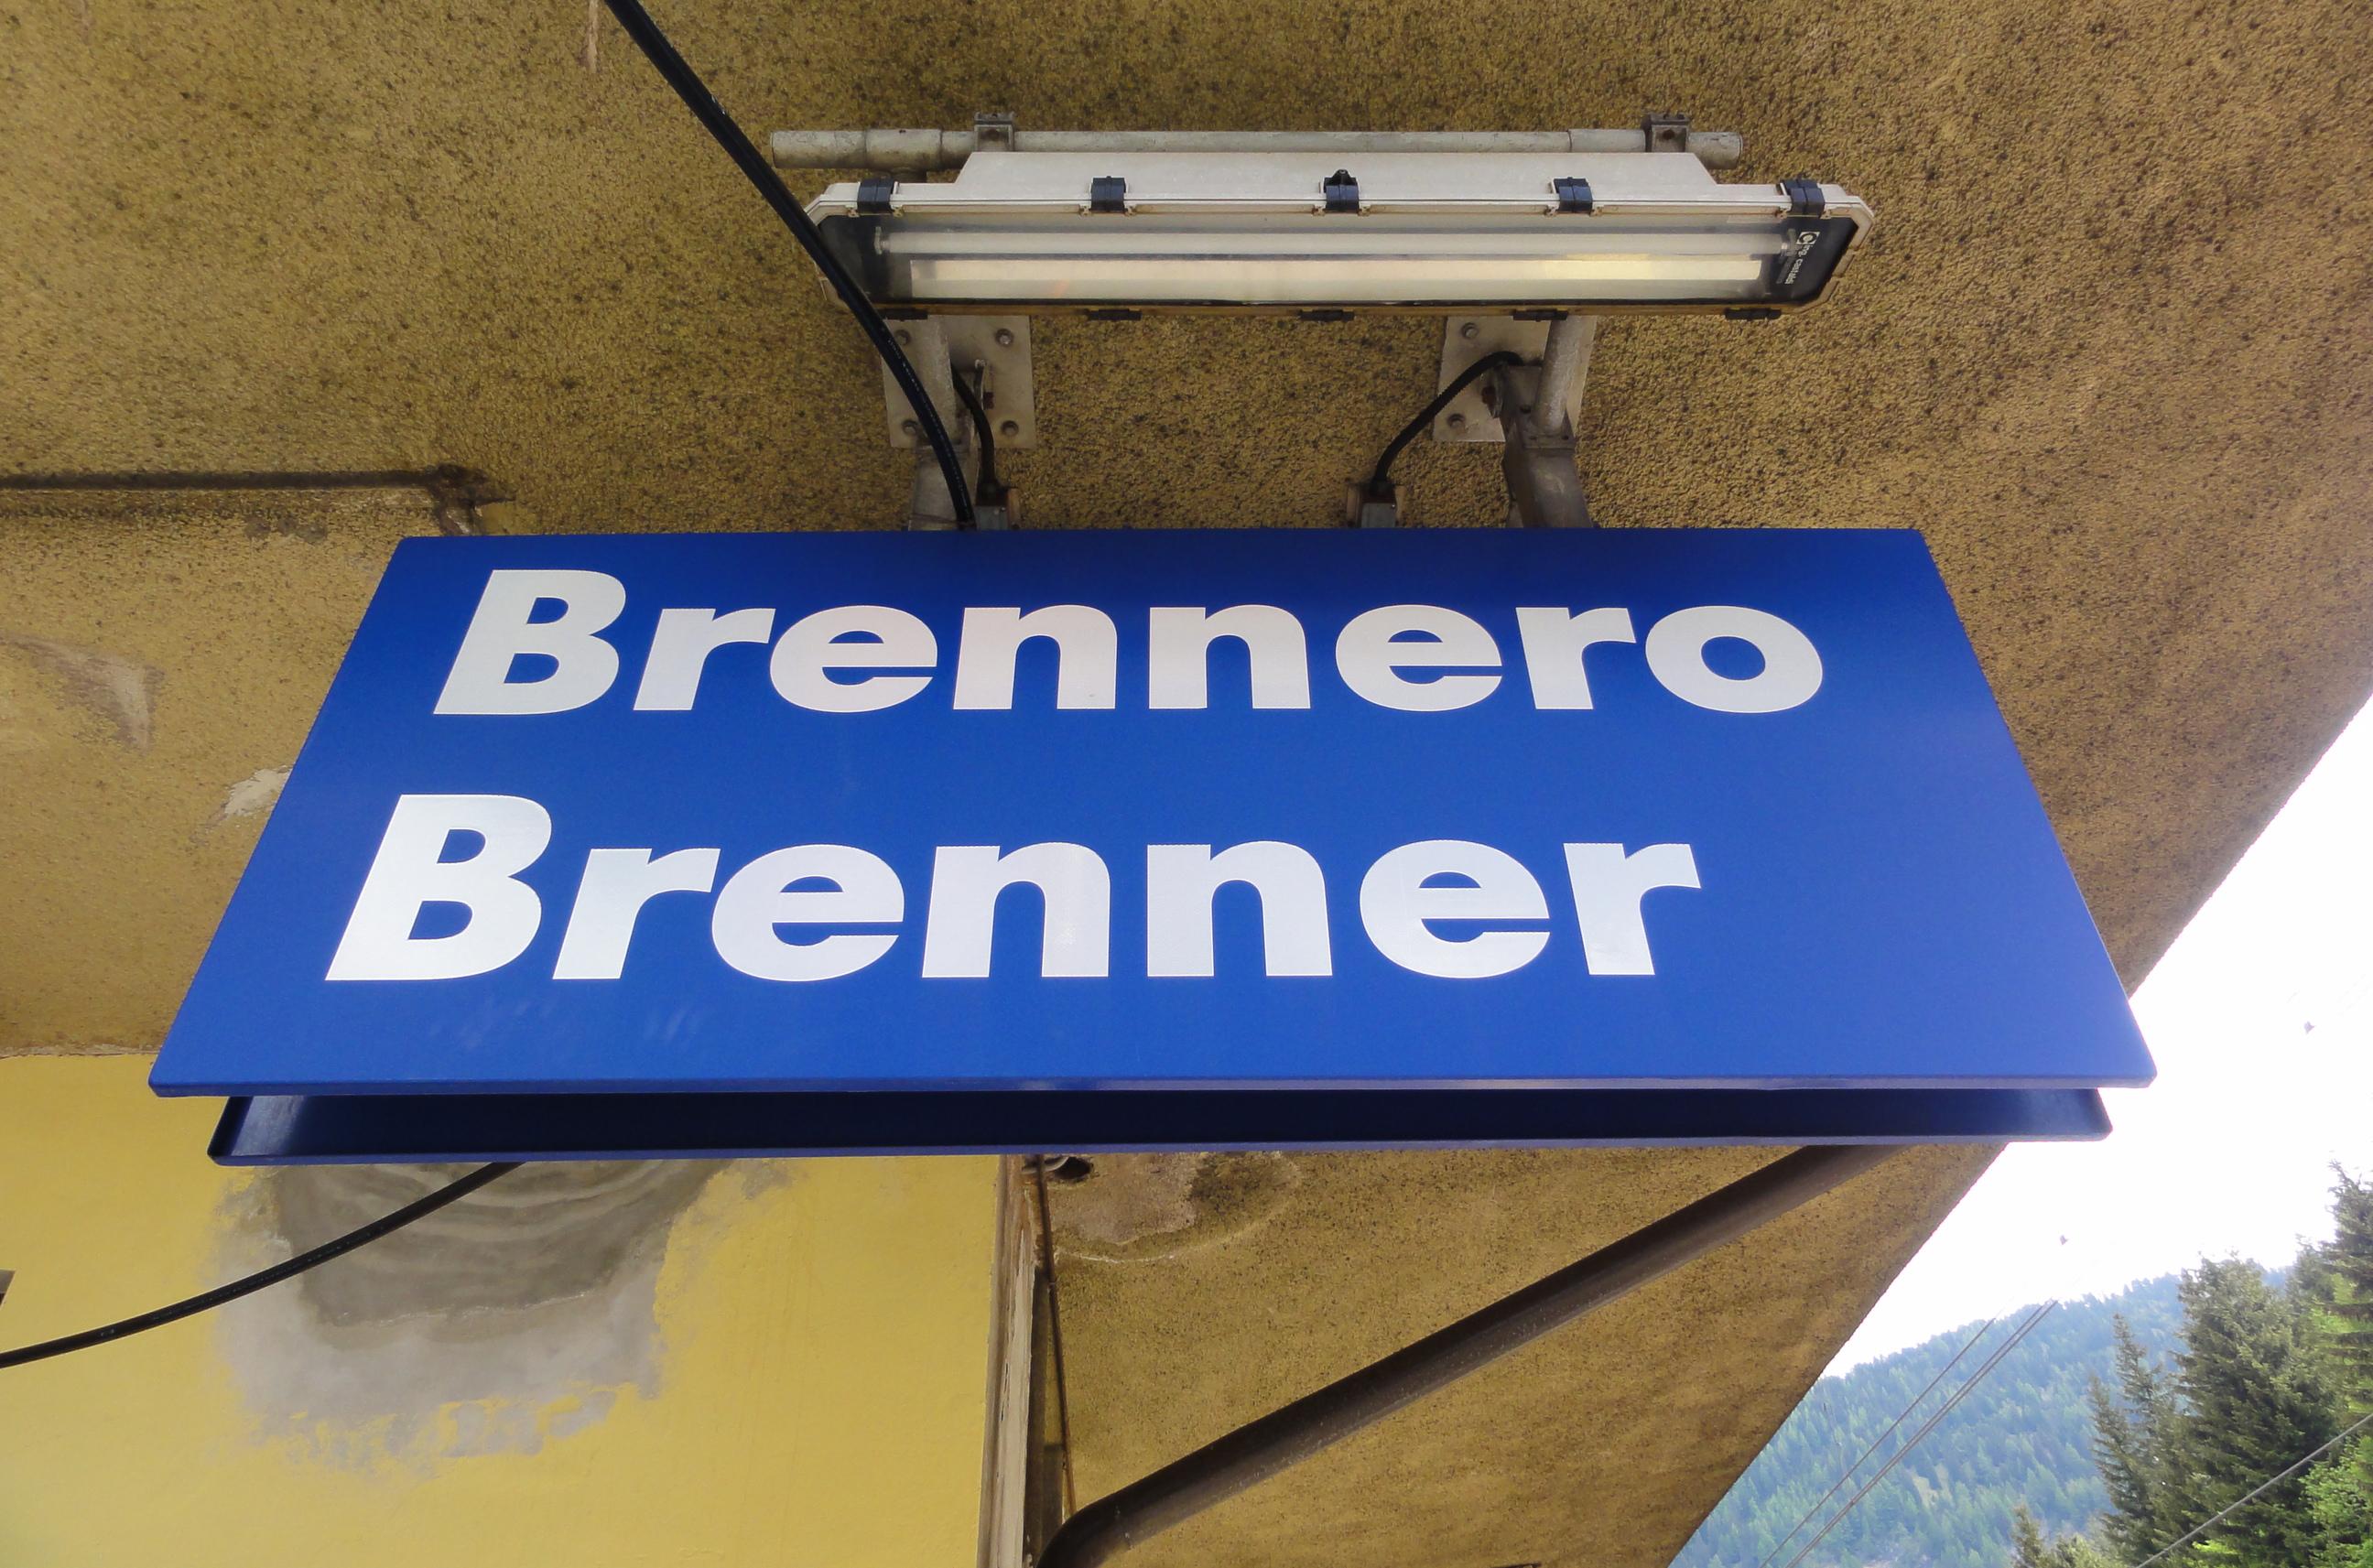 150 Jahre Brennerbahn Wichtige Nord Süd Verbindung